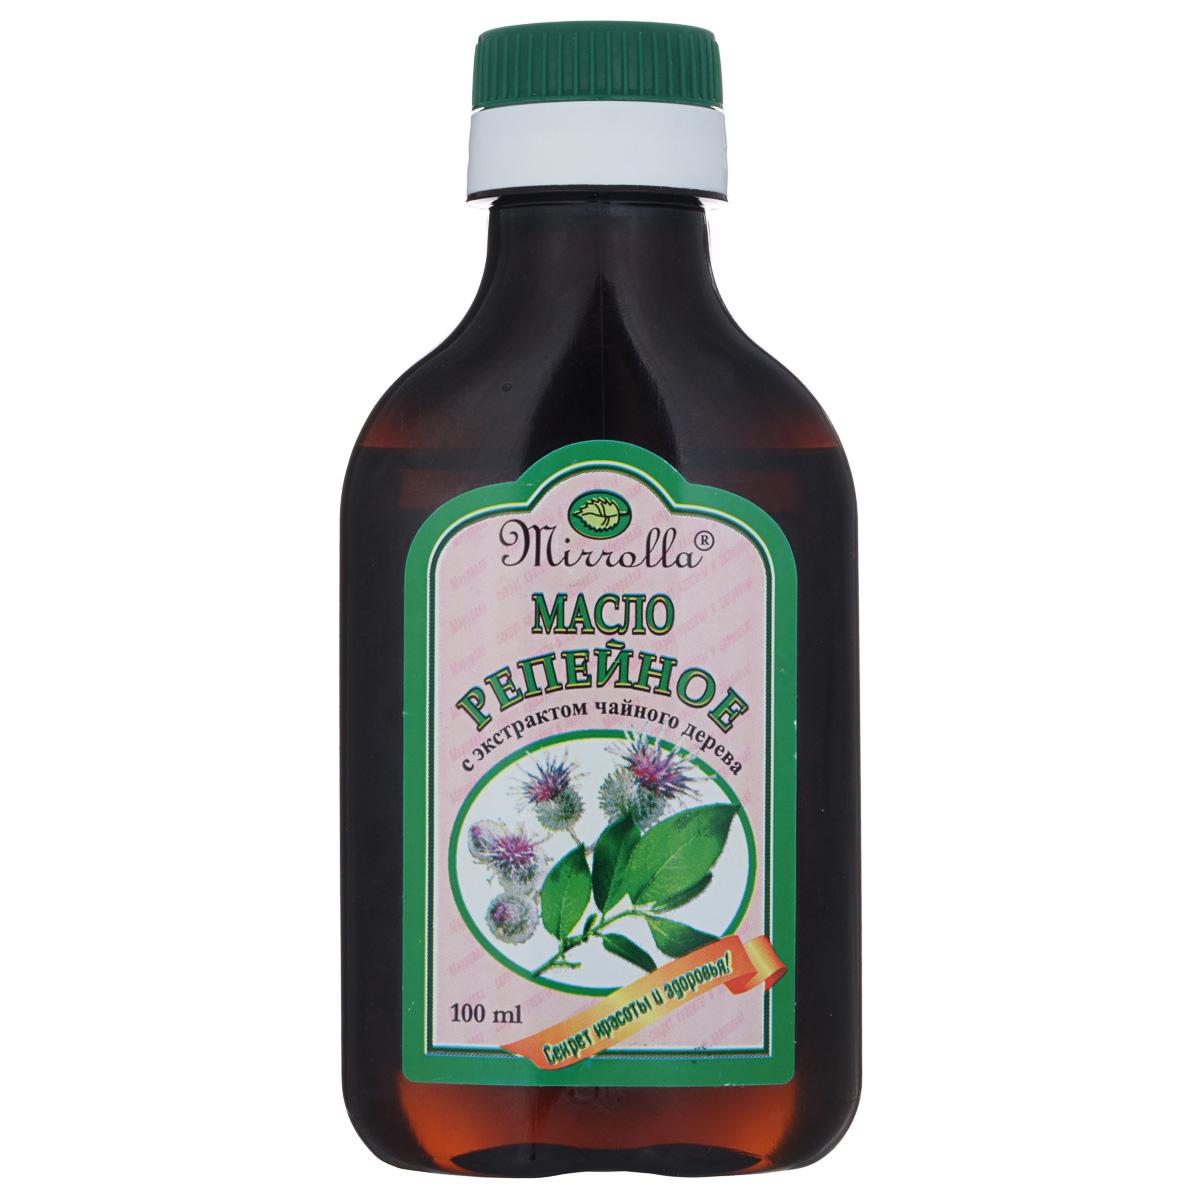 Мирролла Репейное масло для волос, с экстрактом чайного дерева, 100 мл